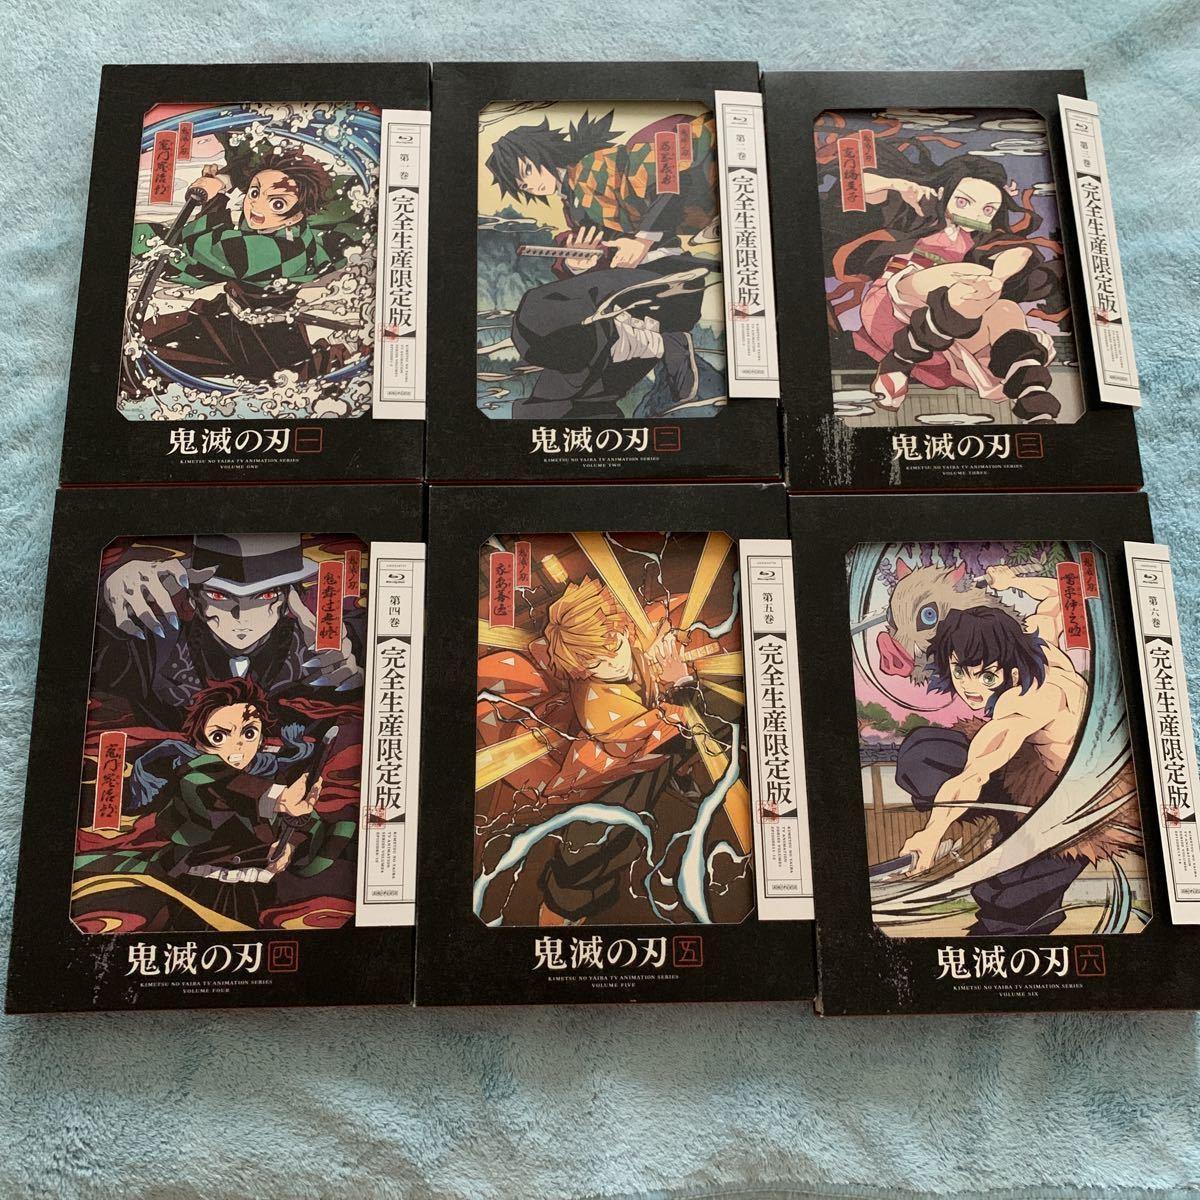 鬼滅の刃 1~11巻 全巻セット Blu-ray 完全生産限定版